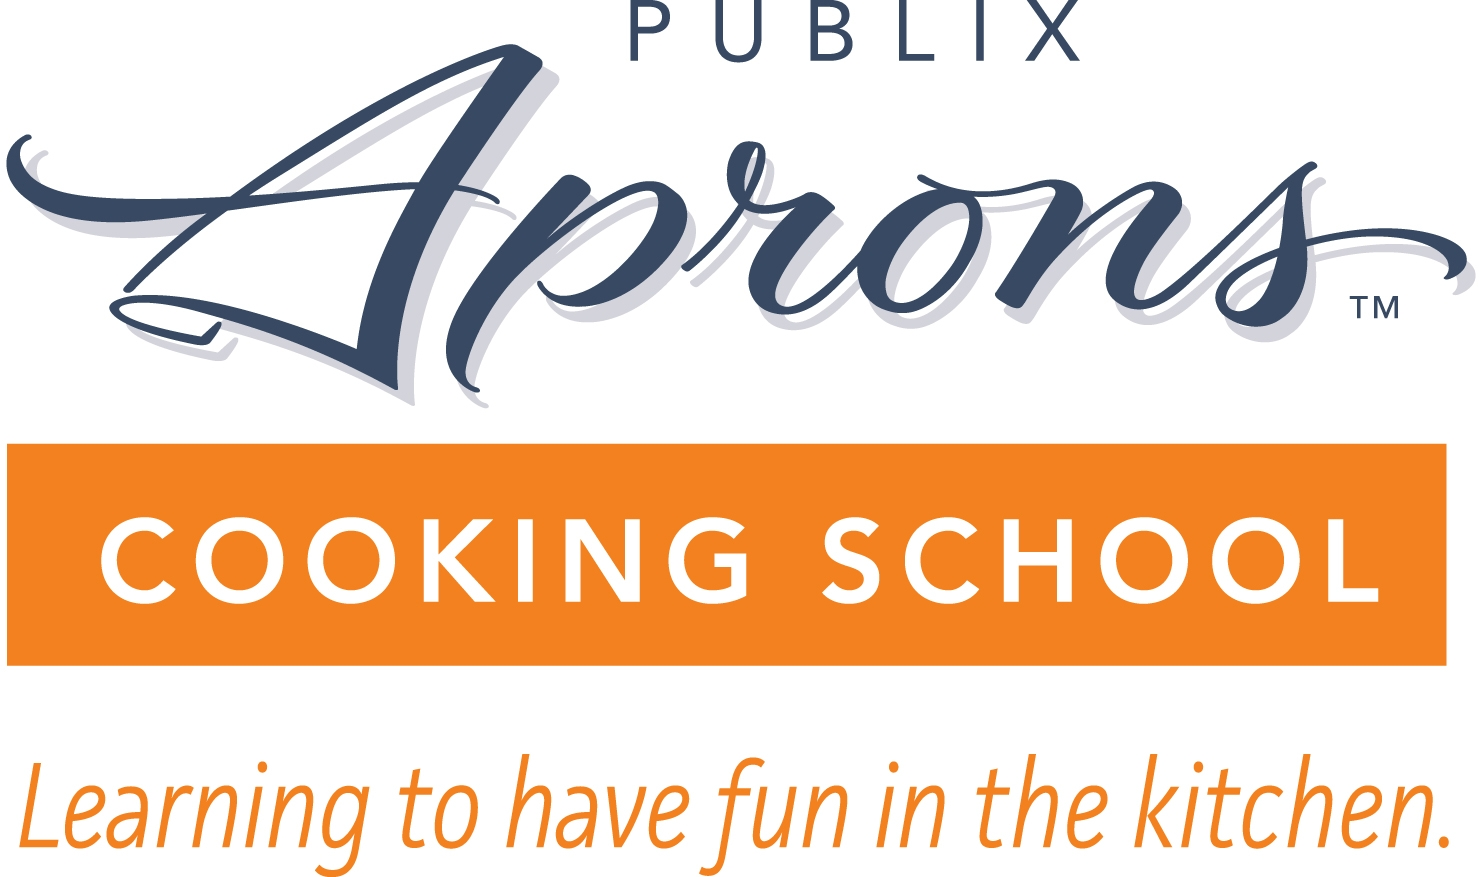 Blue apron publix - Publix Apron S Cooking School